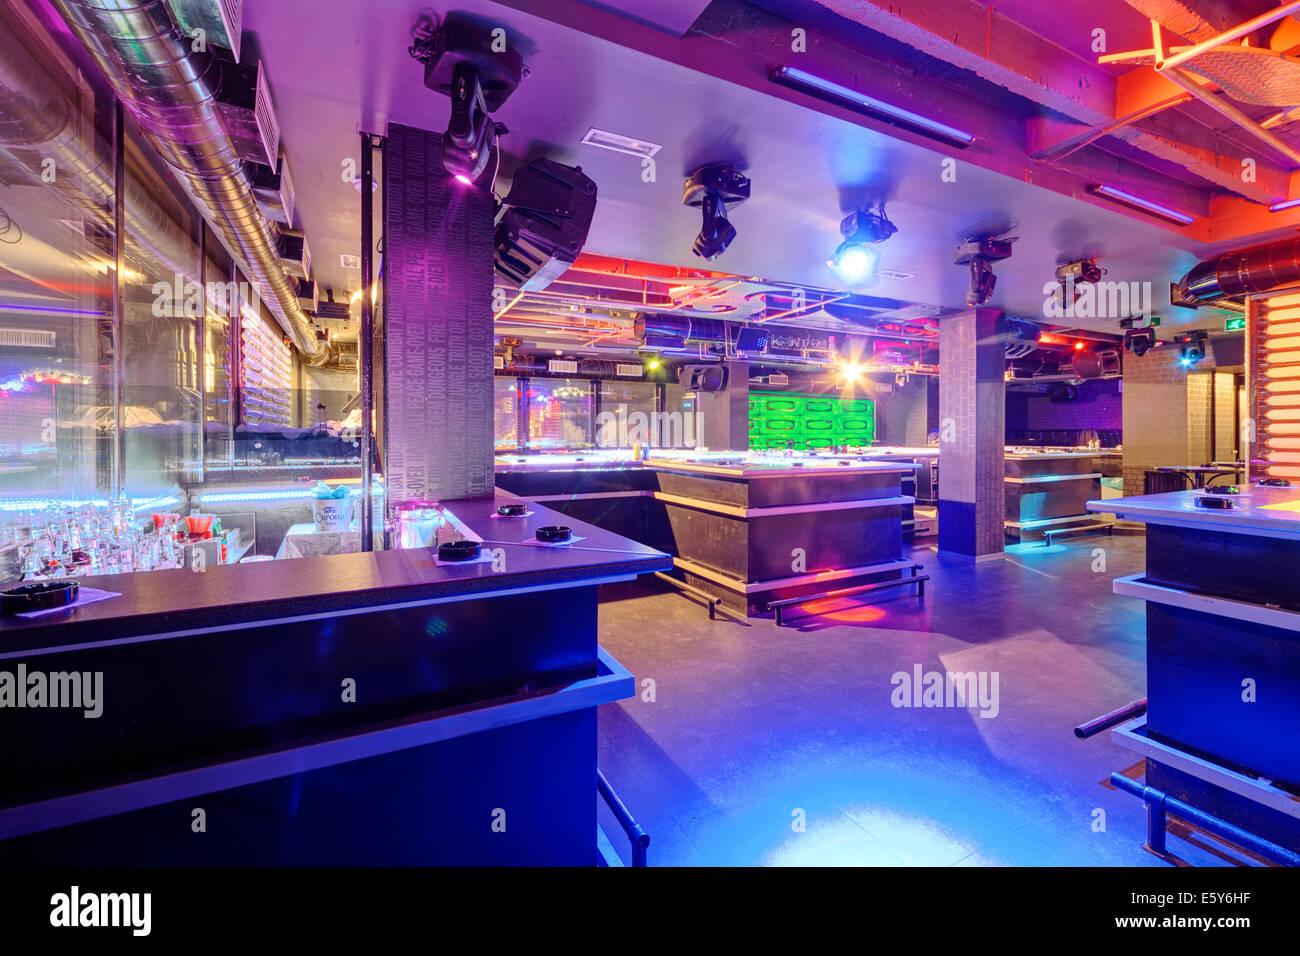 interior night club vivid colors stock photos interior night club rh alamy com